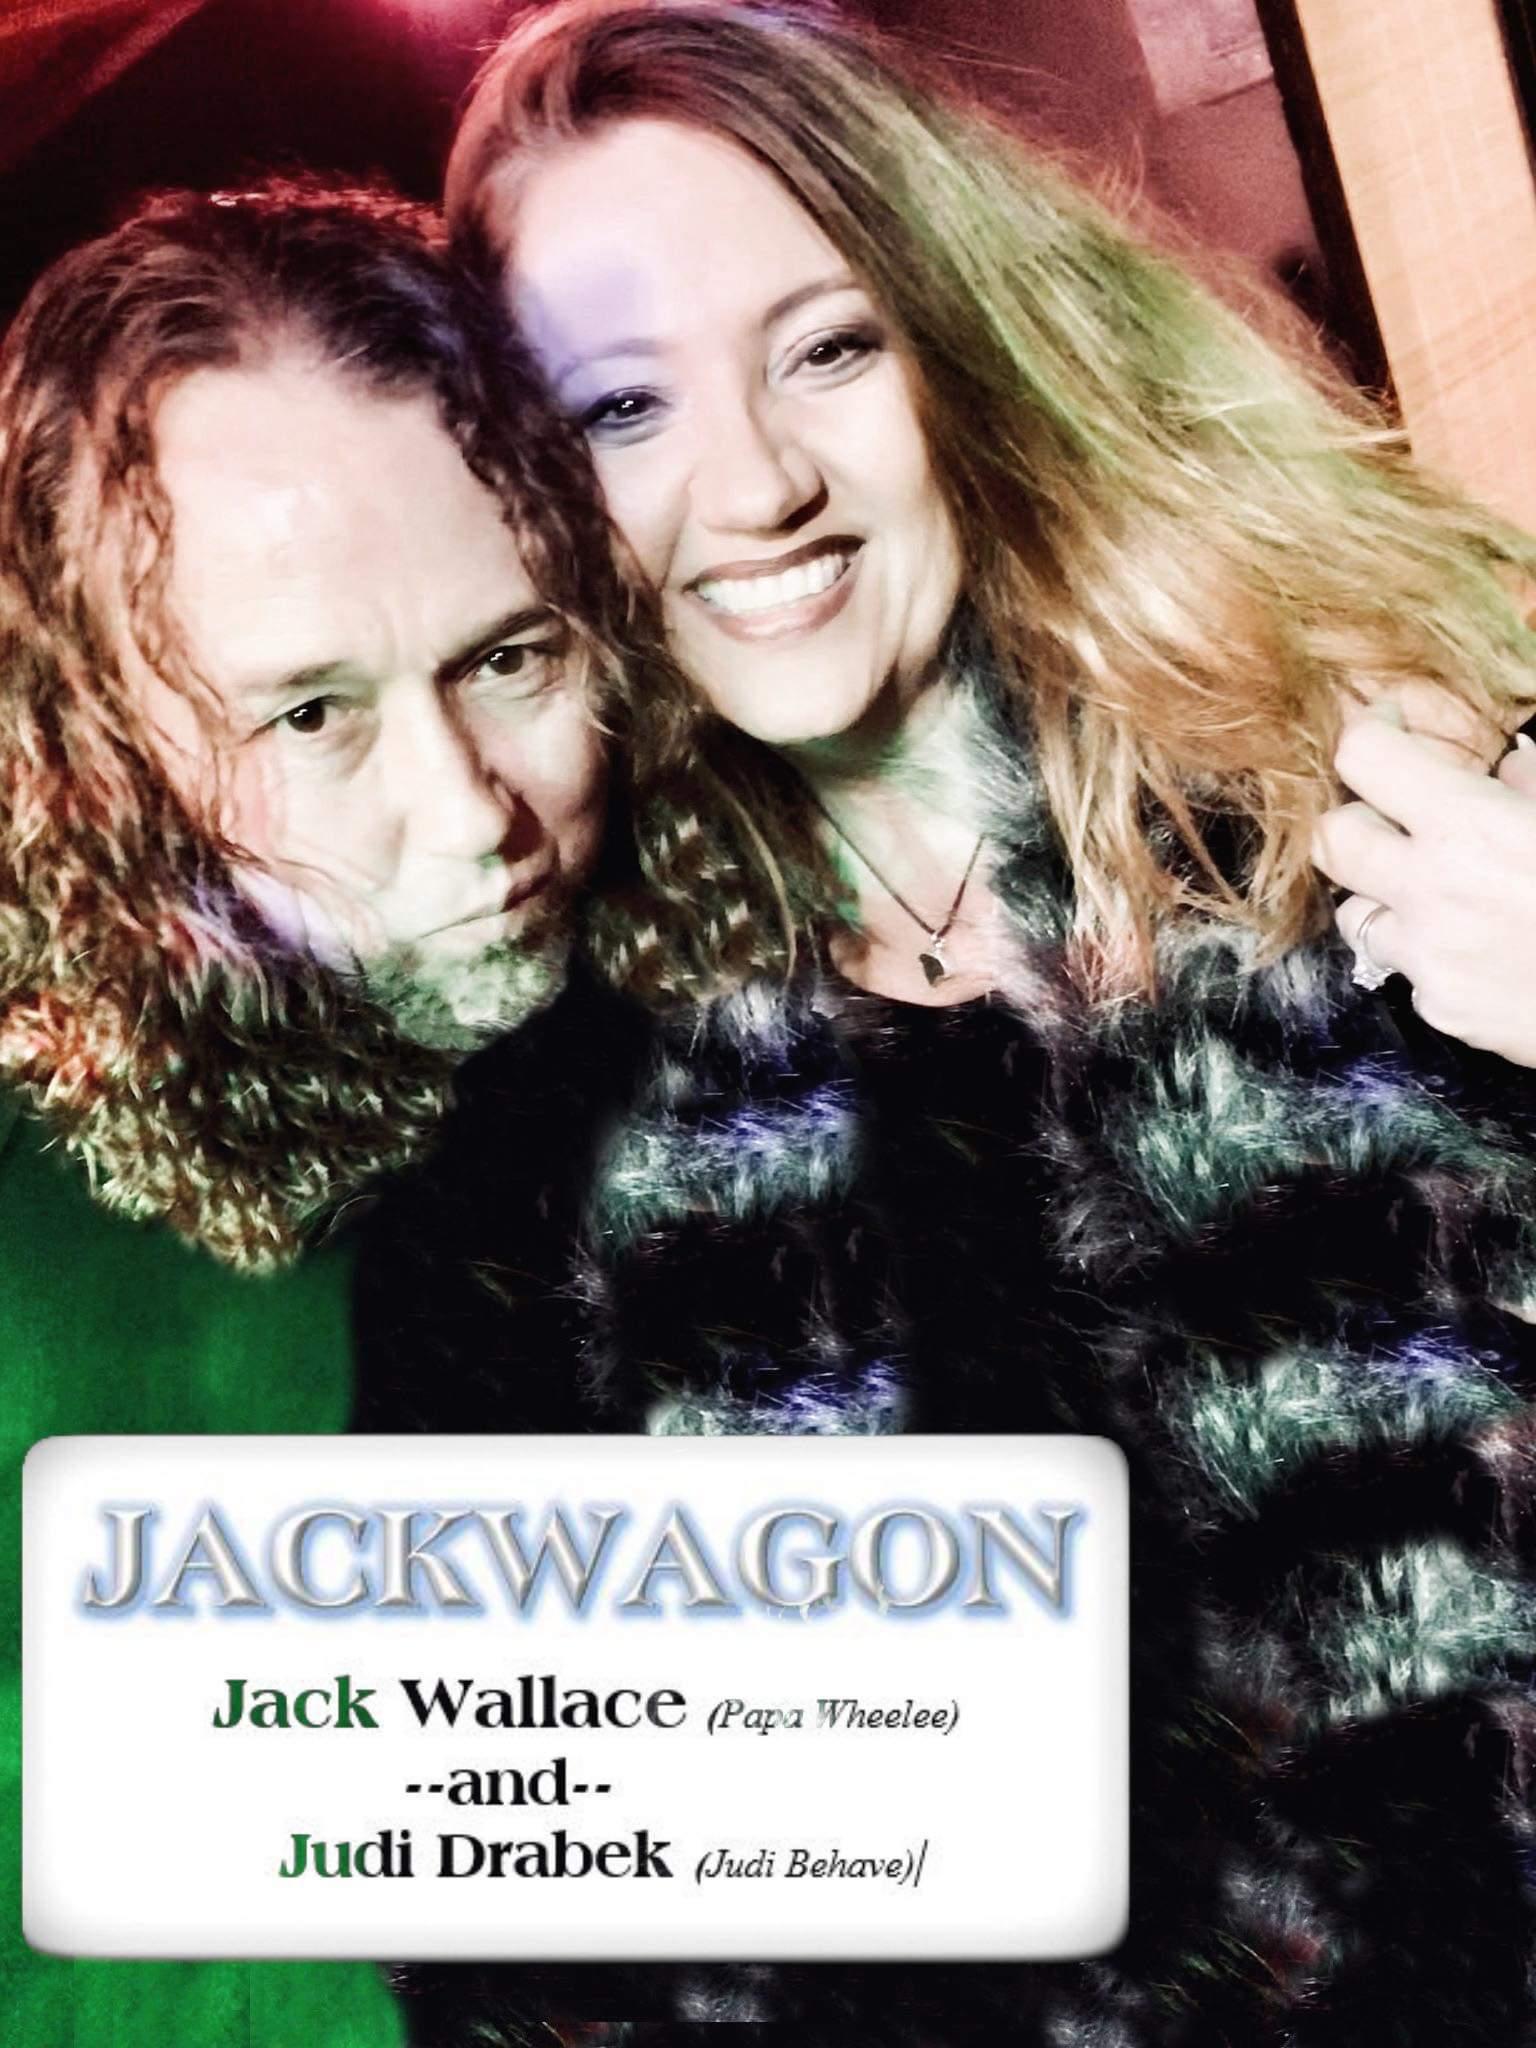 Jackwagon Duo